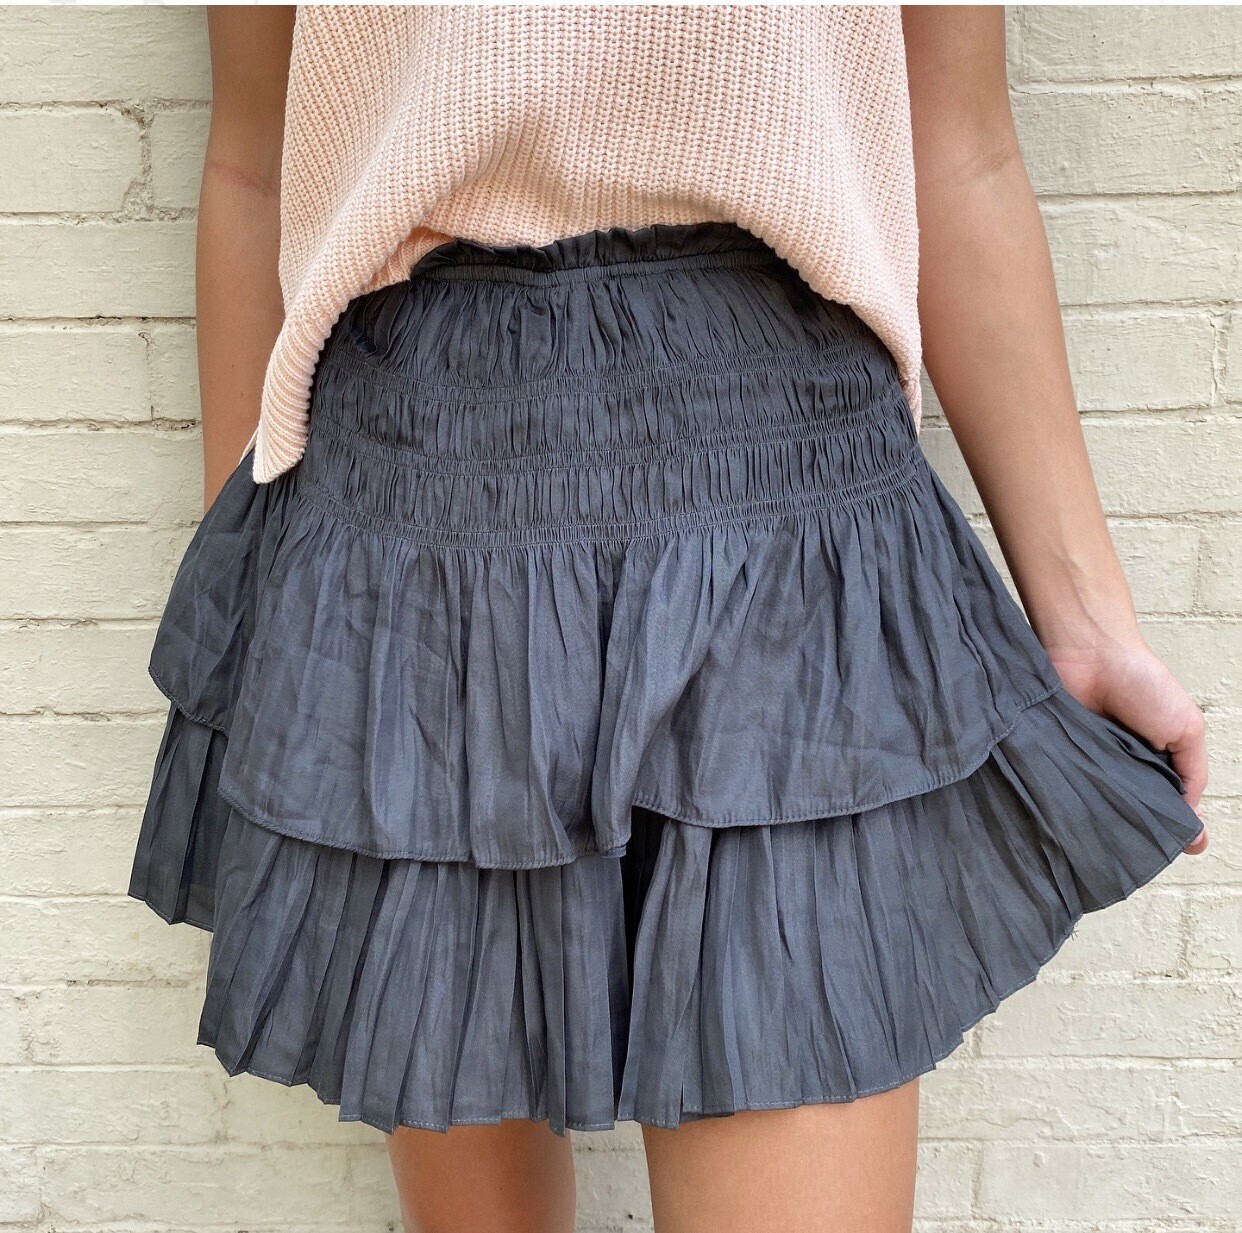 Steel Gray Pleated Skirt